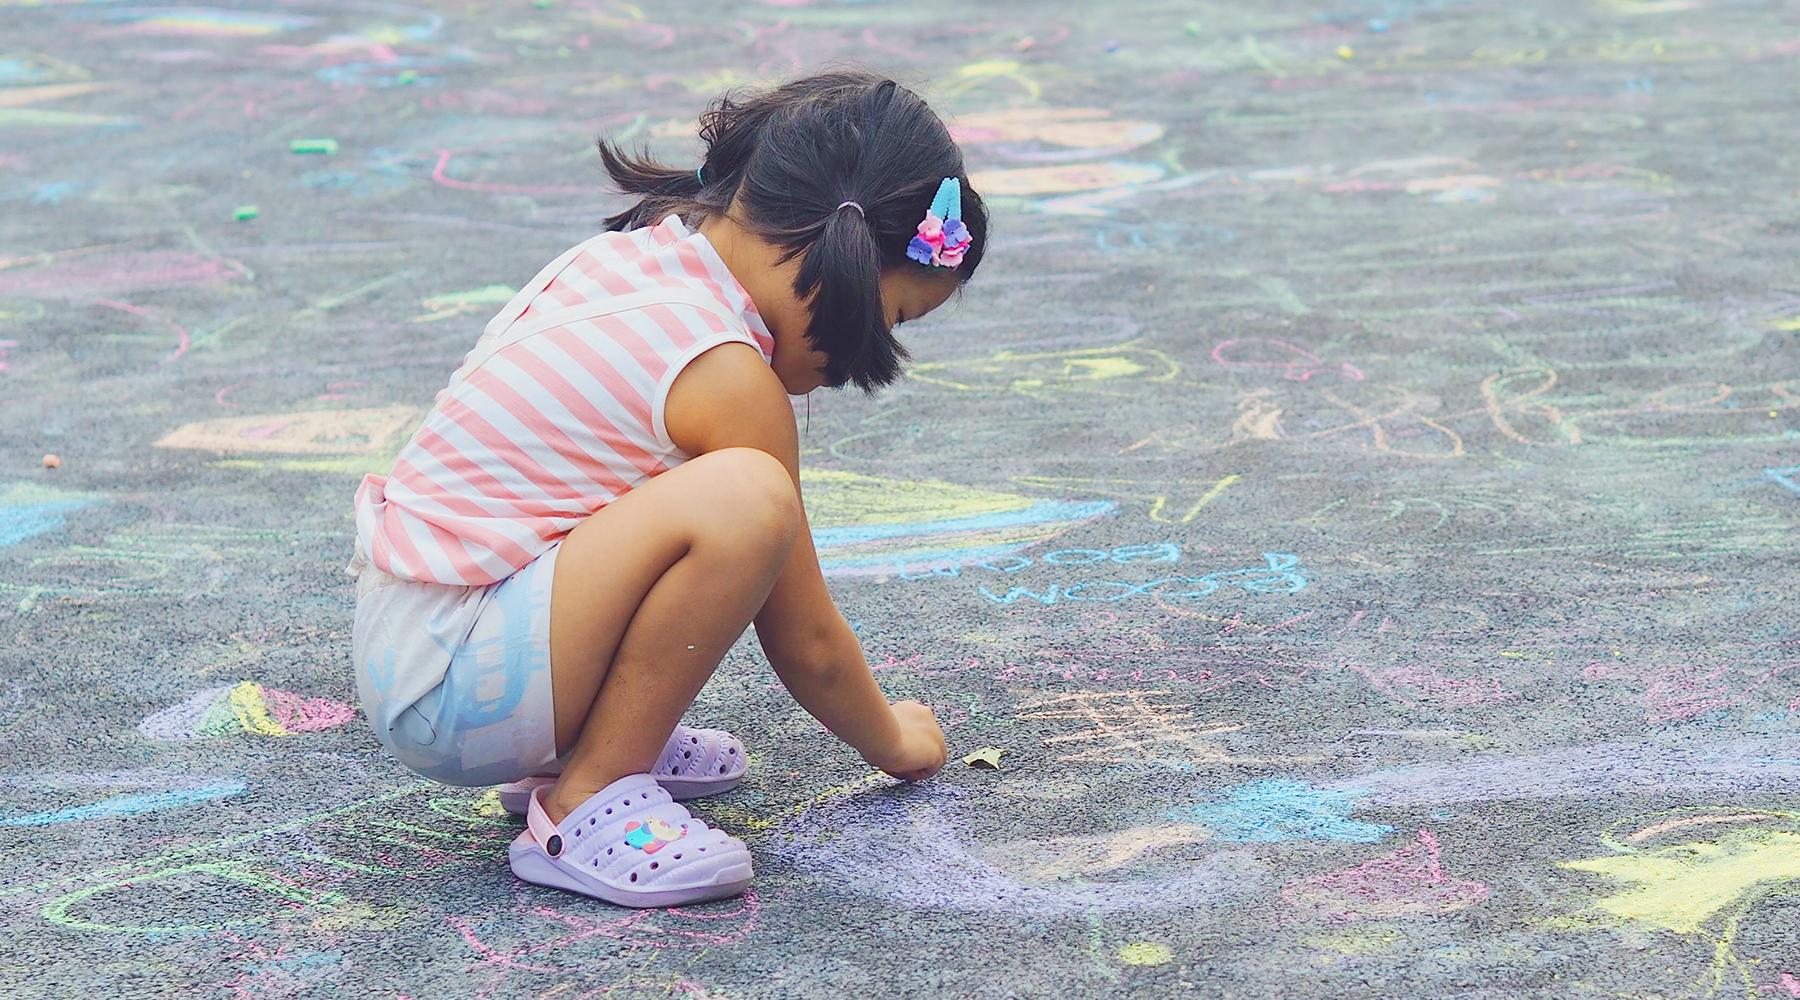 sjove forårsaktiviteter, som børnene vil elske.